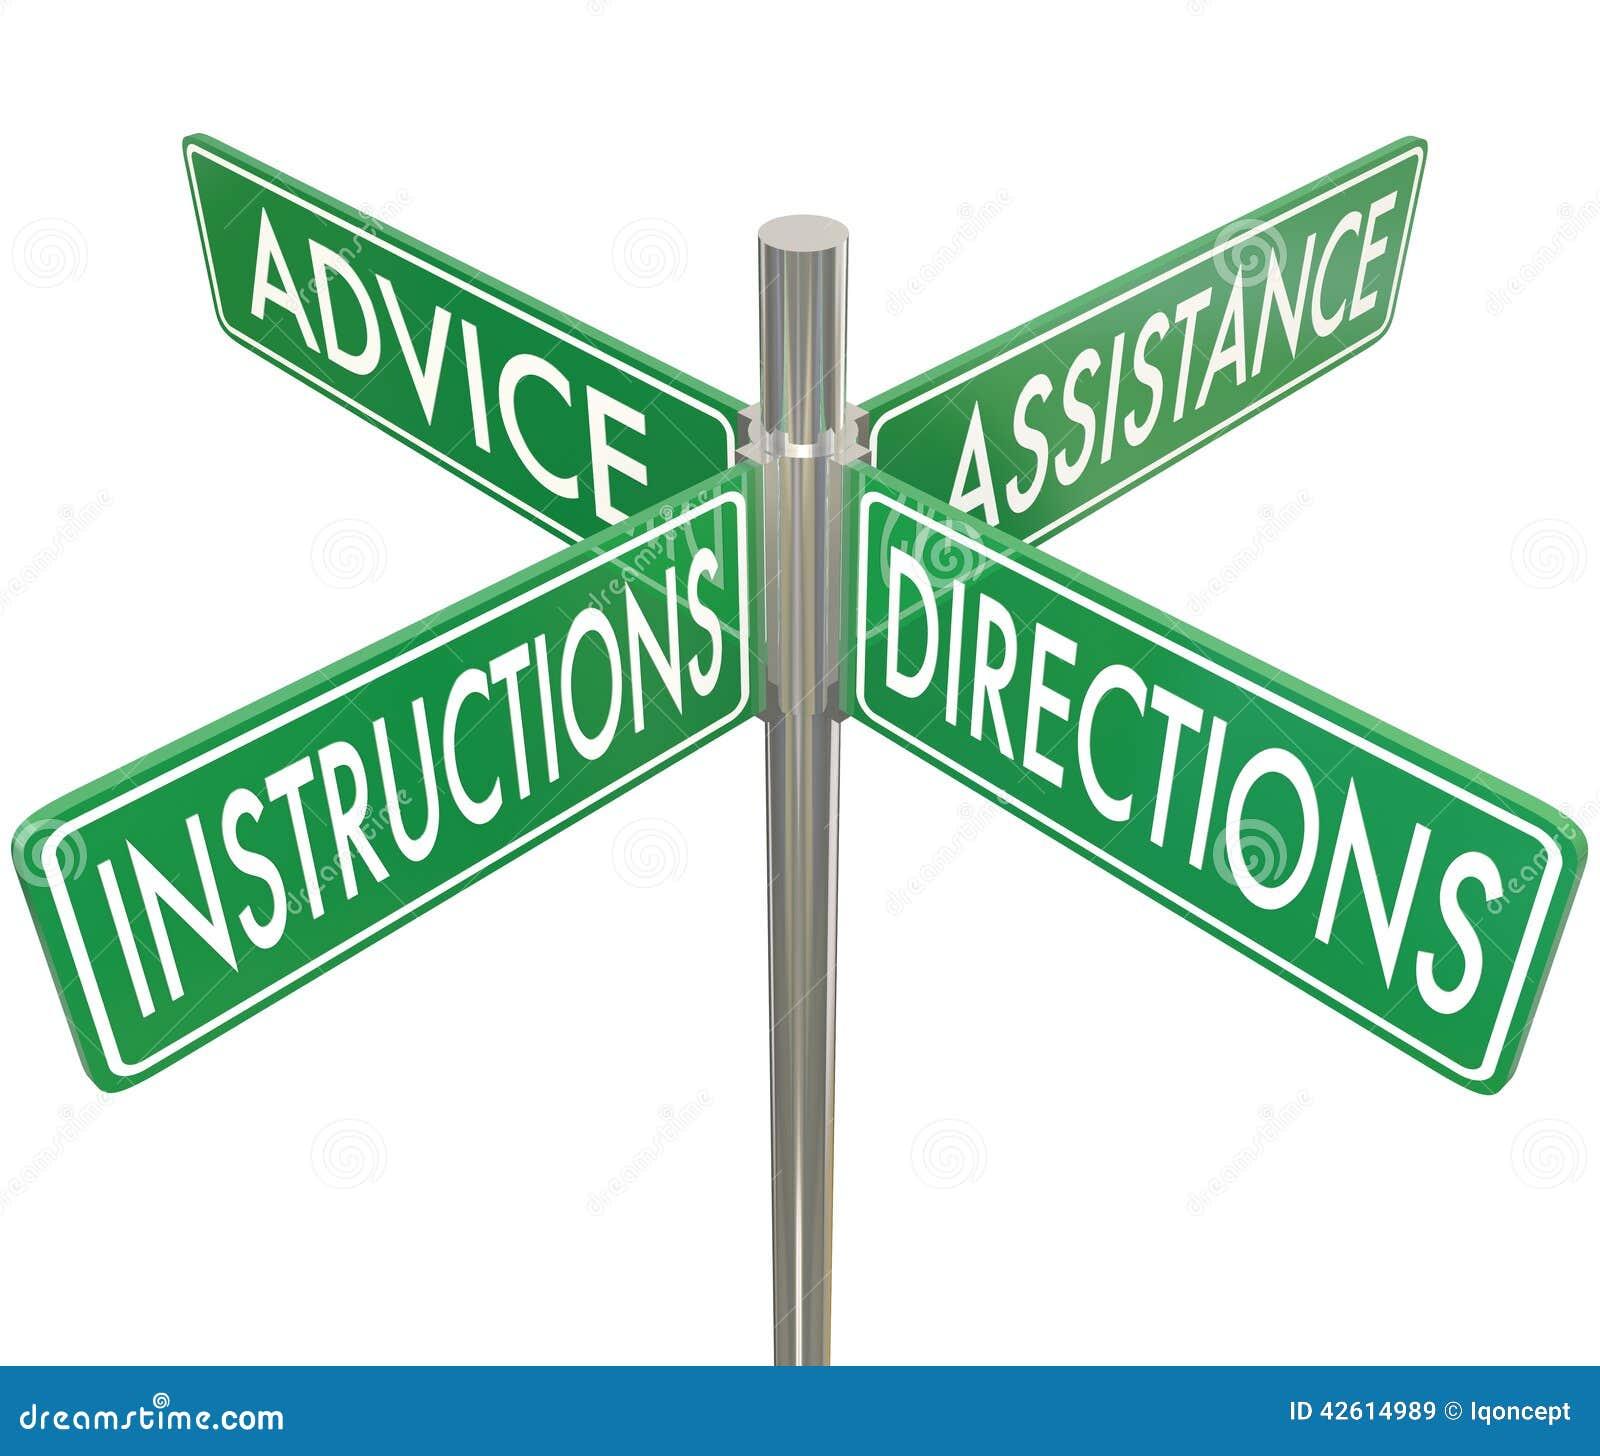 Путь 4 Intersectio помощи 4 совета направлений инструкций